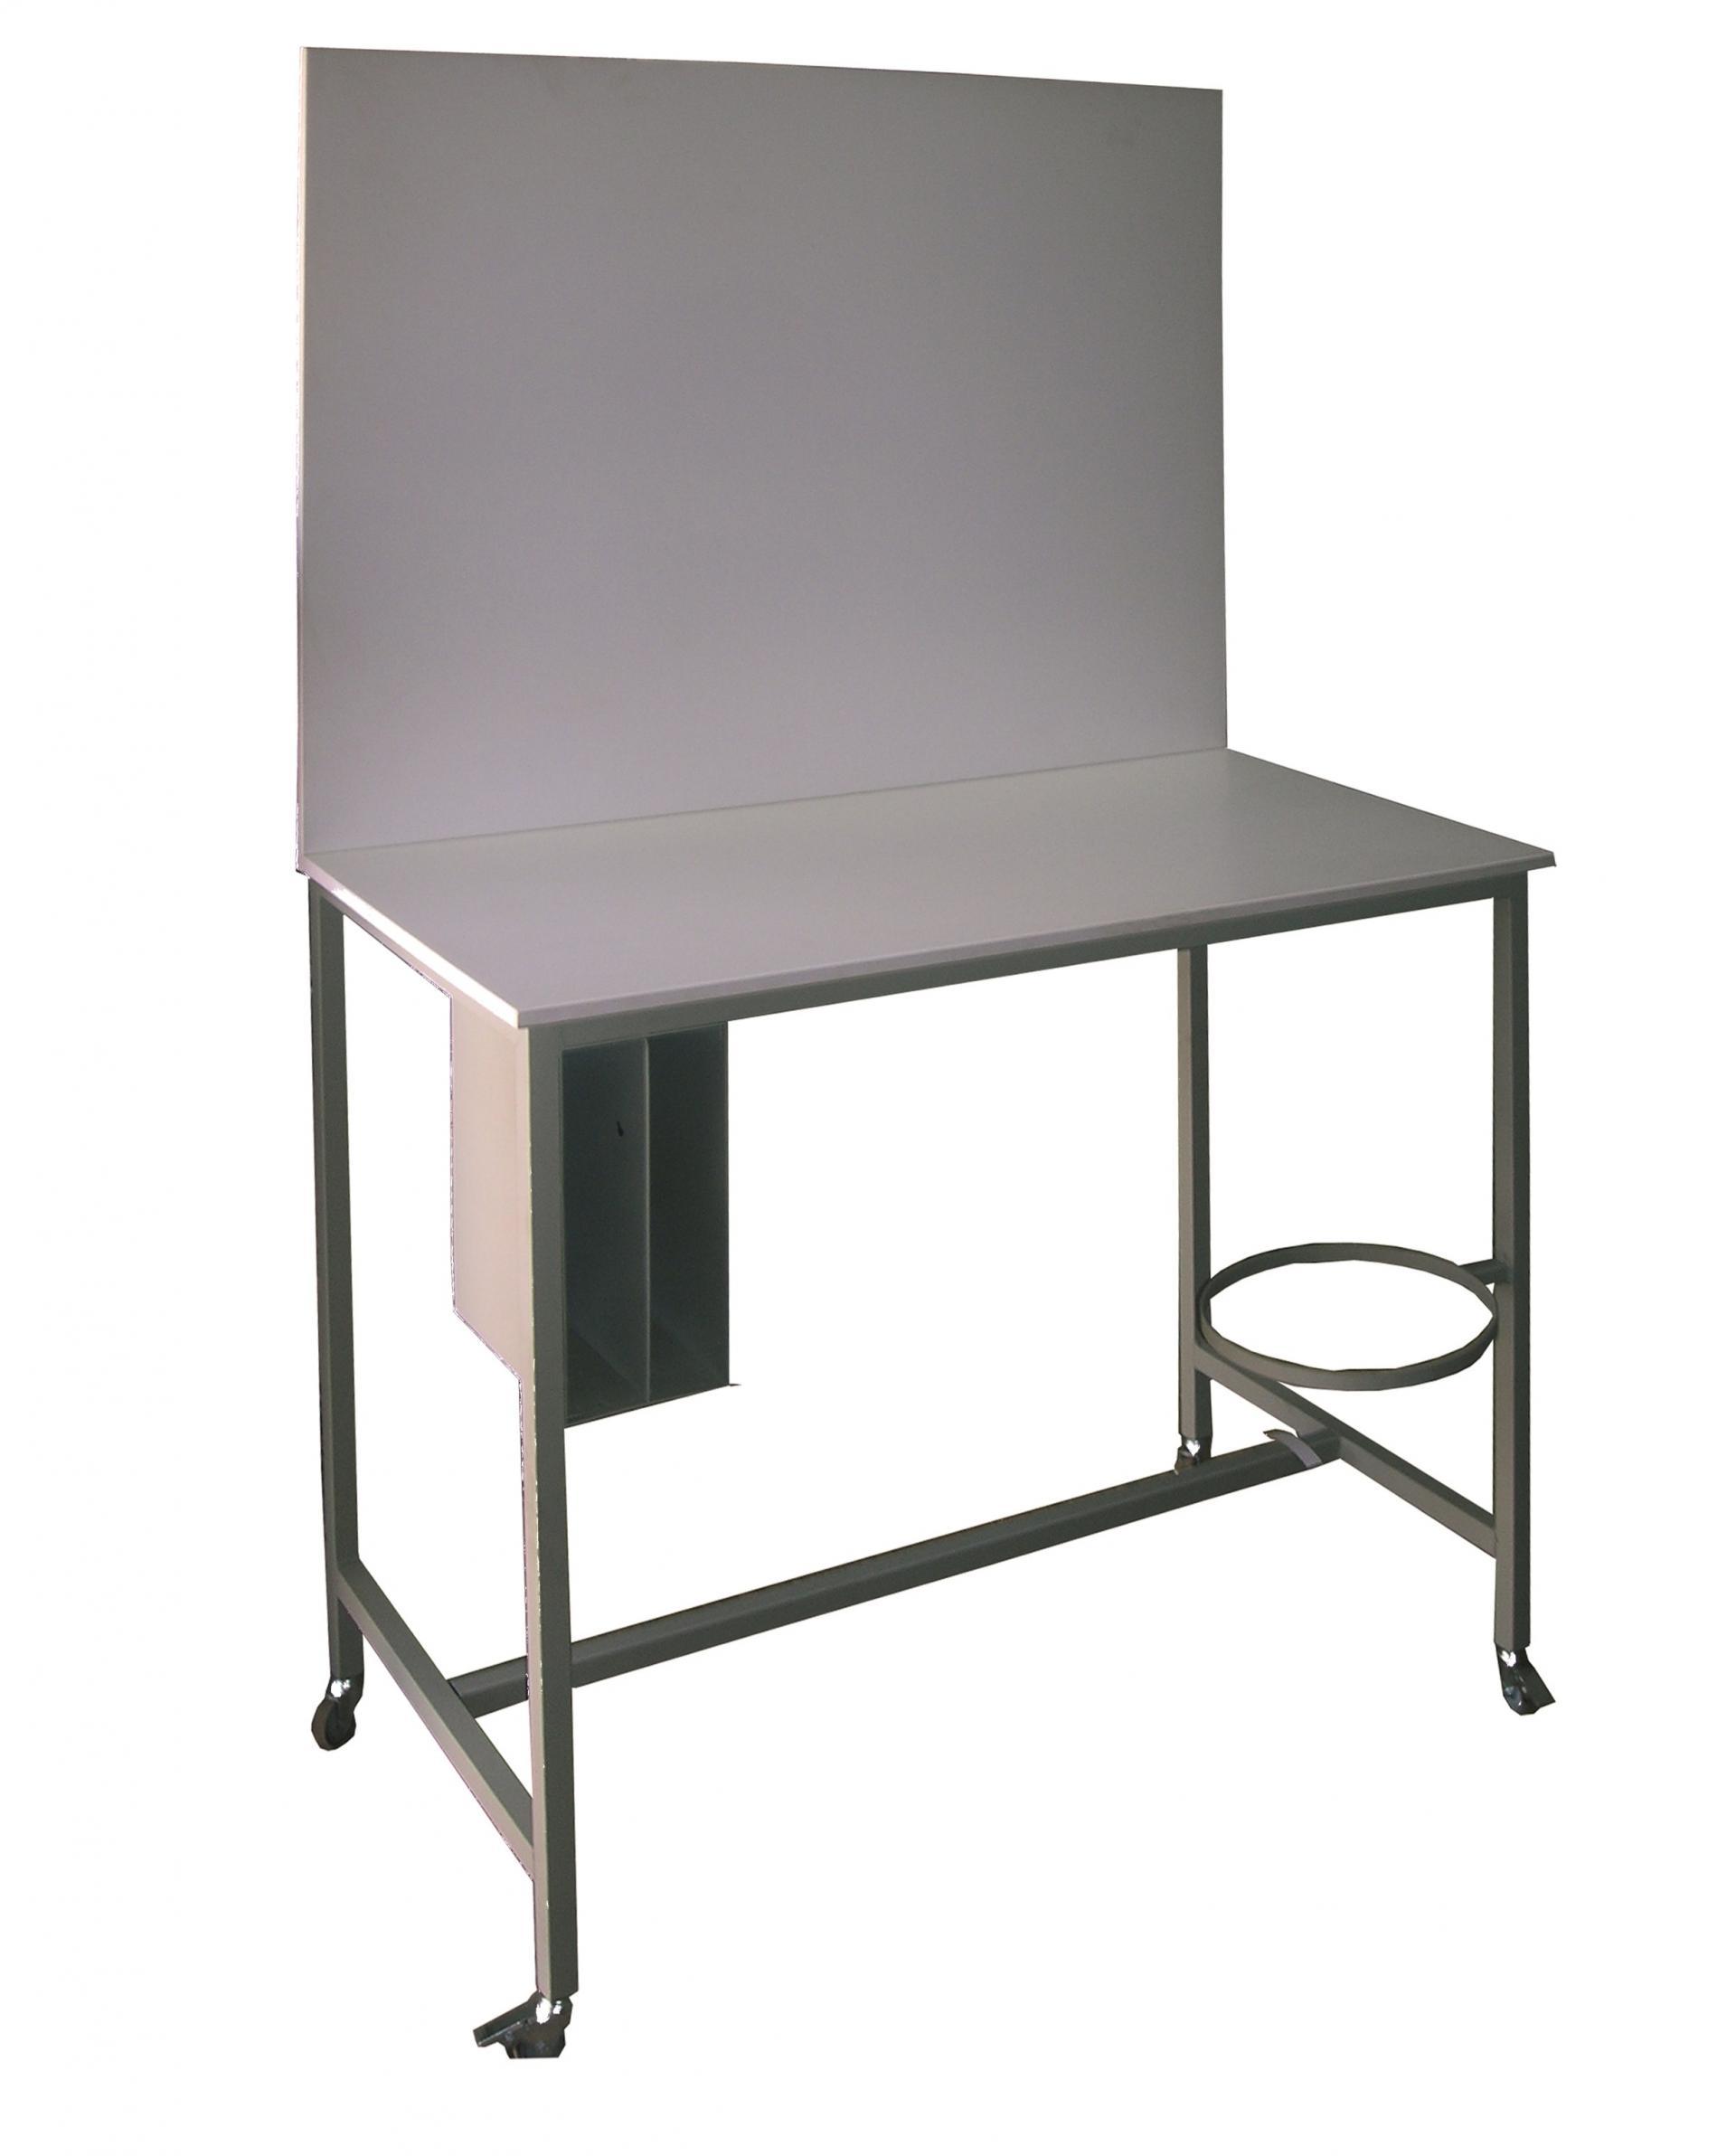 table de travail atelier affordable table de travail. Black Bedroom Furniture Sets. Home Design Ideas